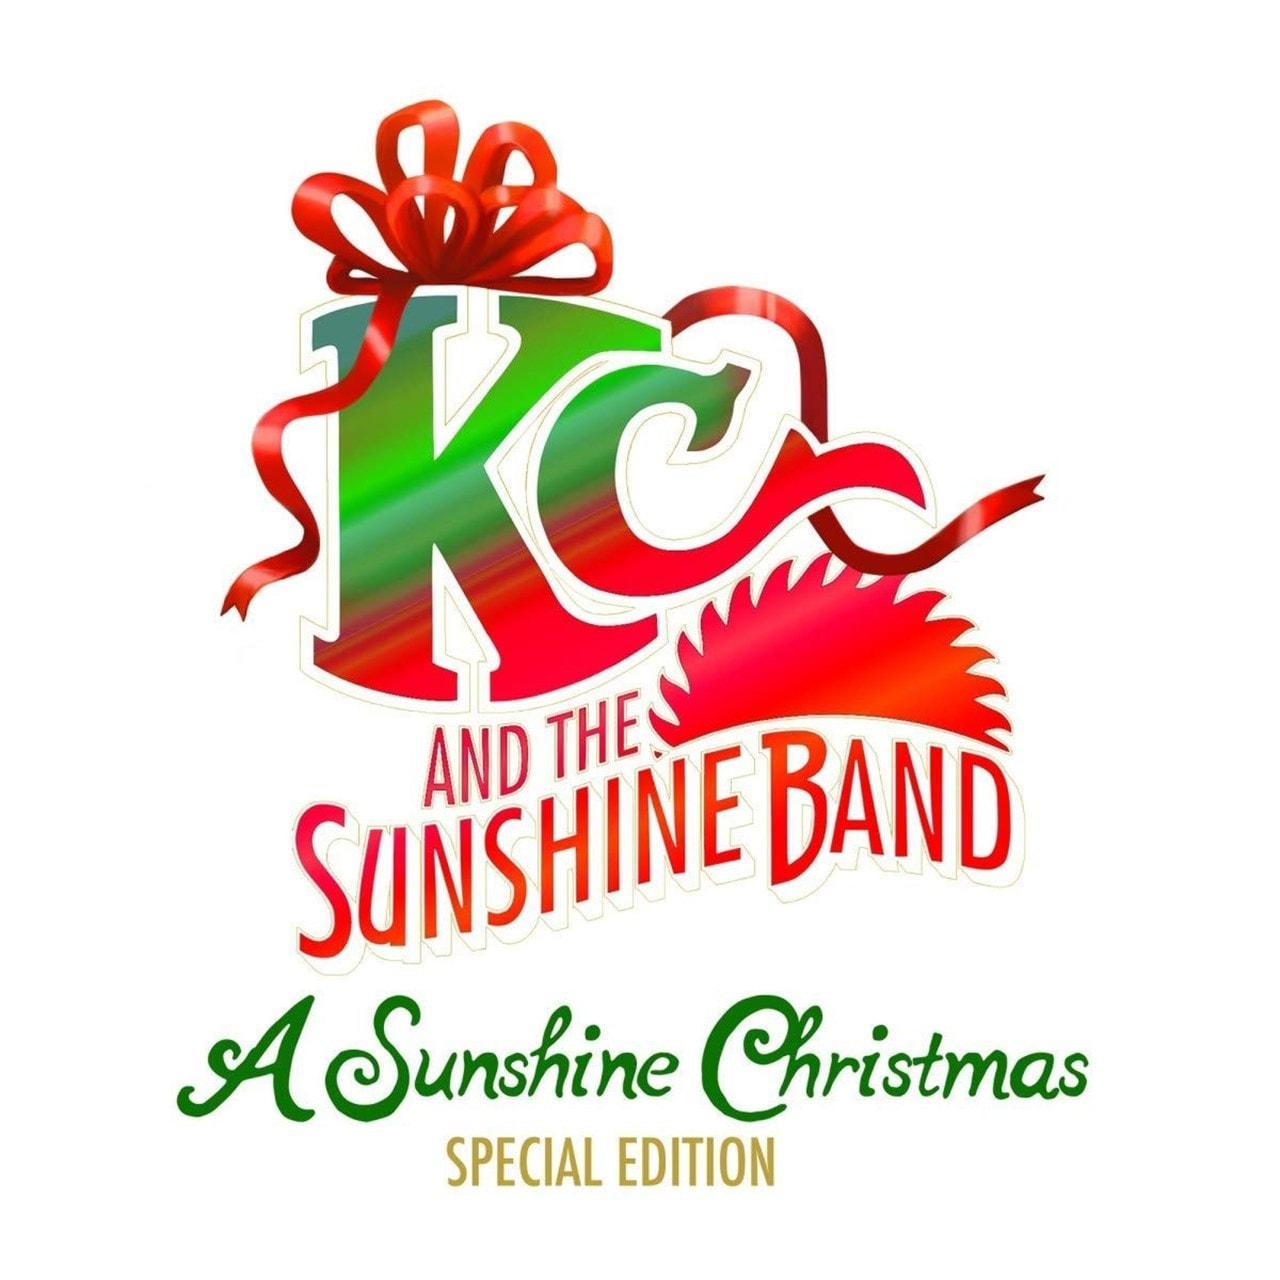 A Sunshine Christmas - 1